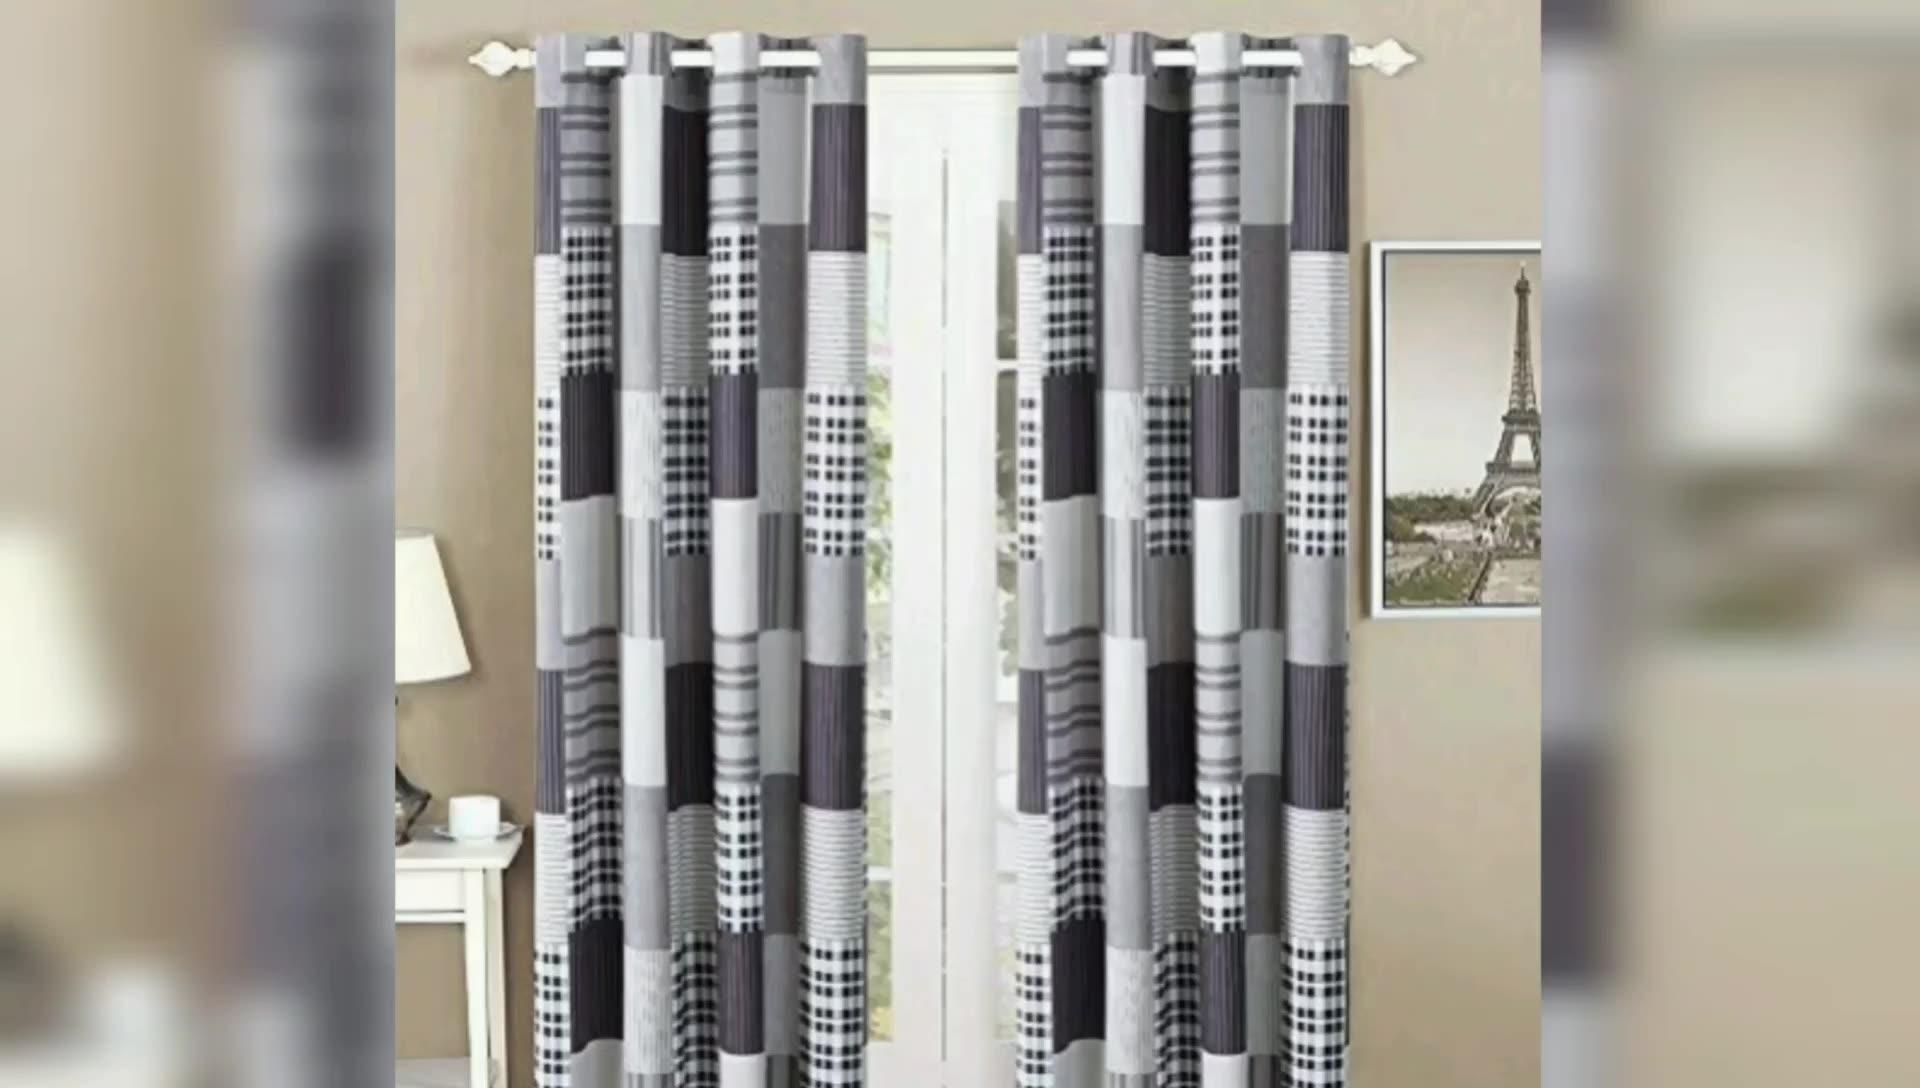 豪華なプリントカーテン生地の寝室の窓